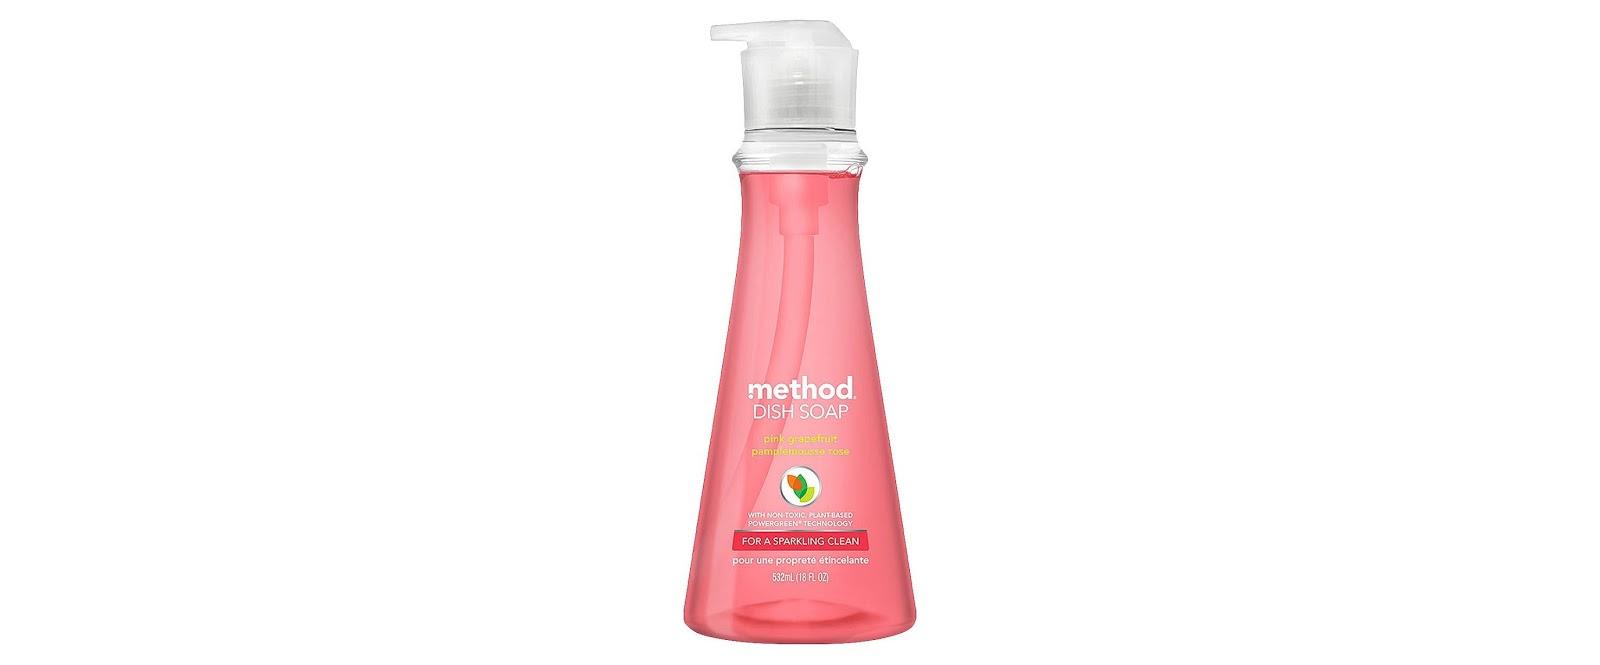 Method Shower Cleaner Refill